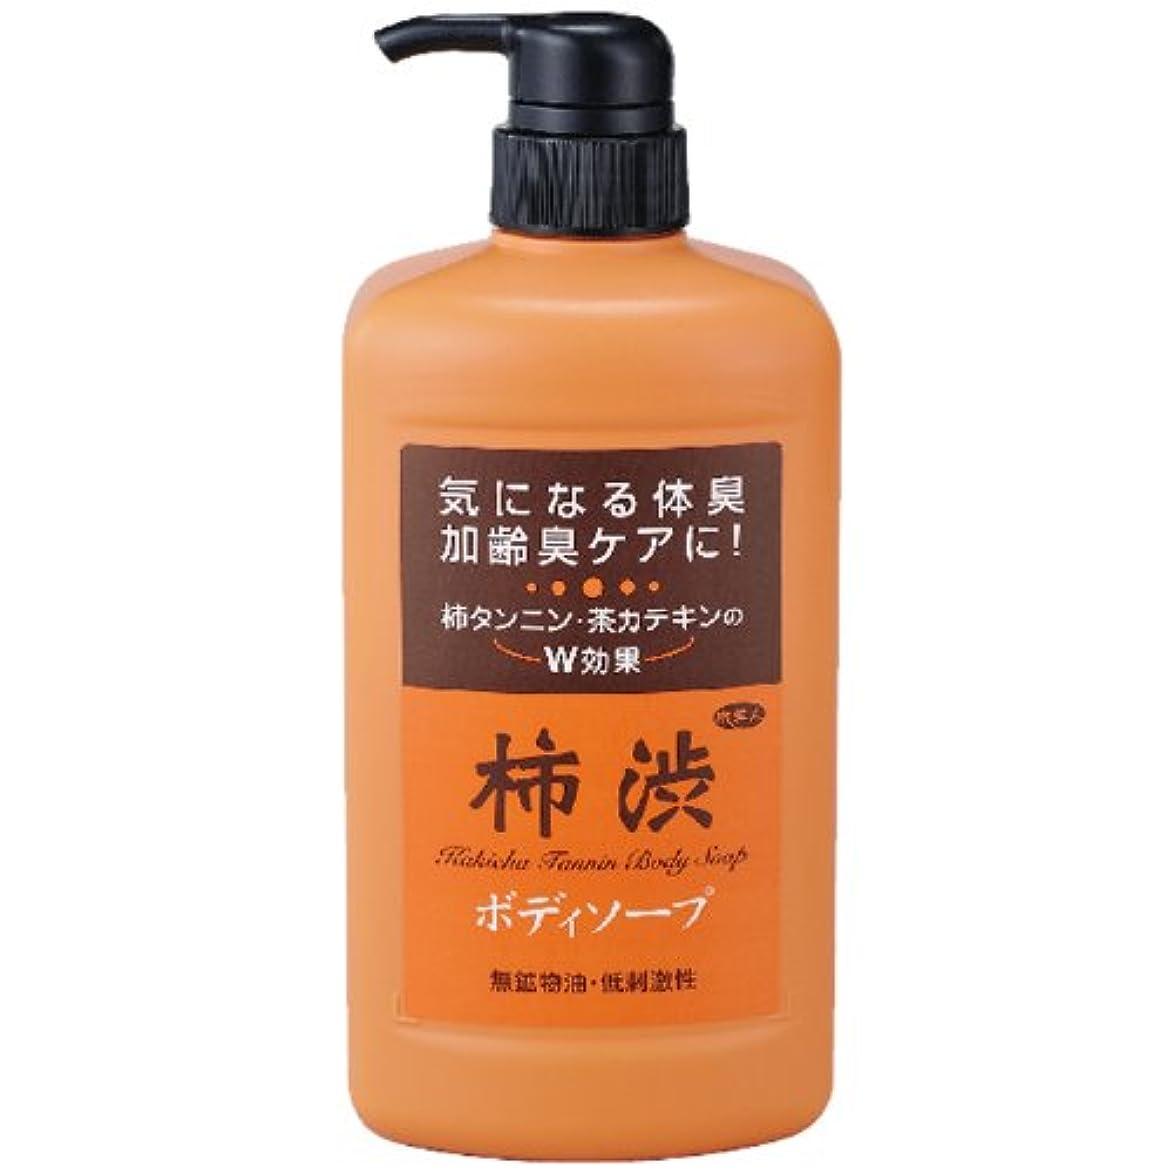 案件大人シニスアズマ商事の 柿渋ボディソープ850ml